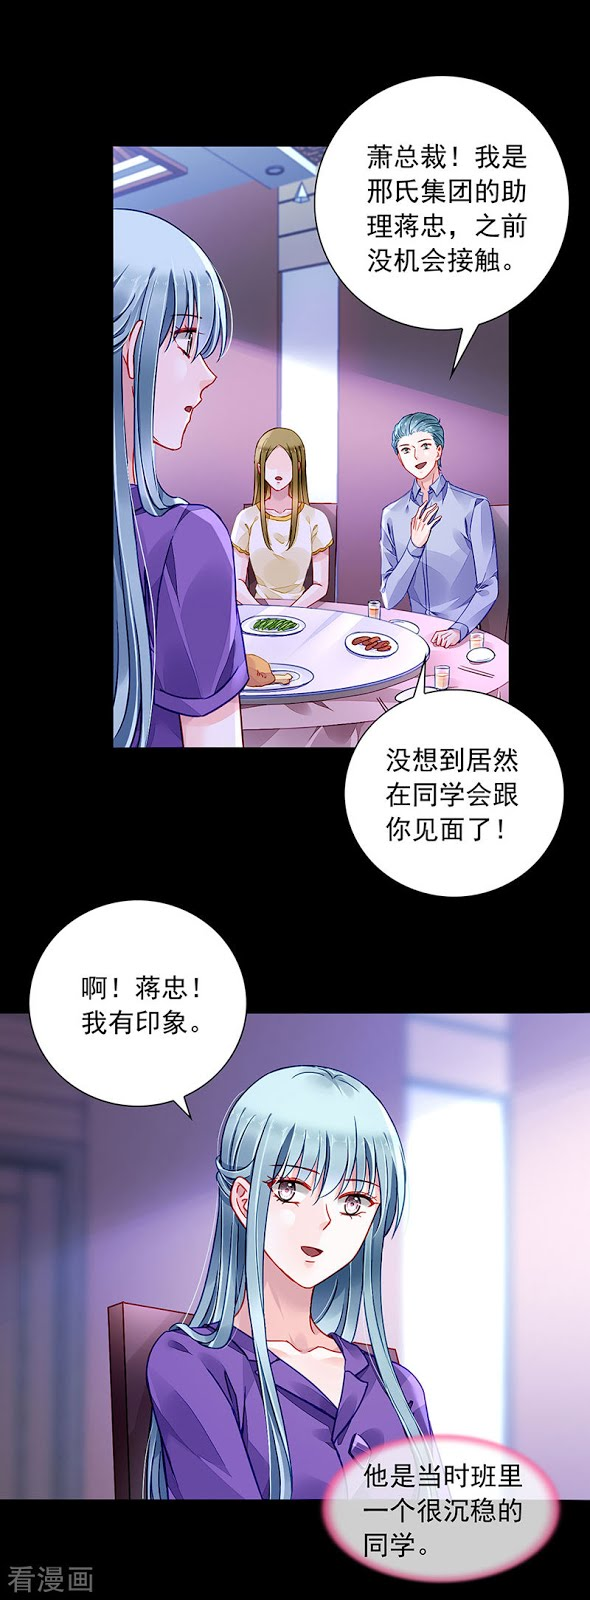 落難千金的逆襲: 191話 解圍 - 第5页